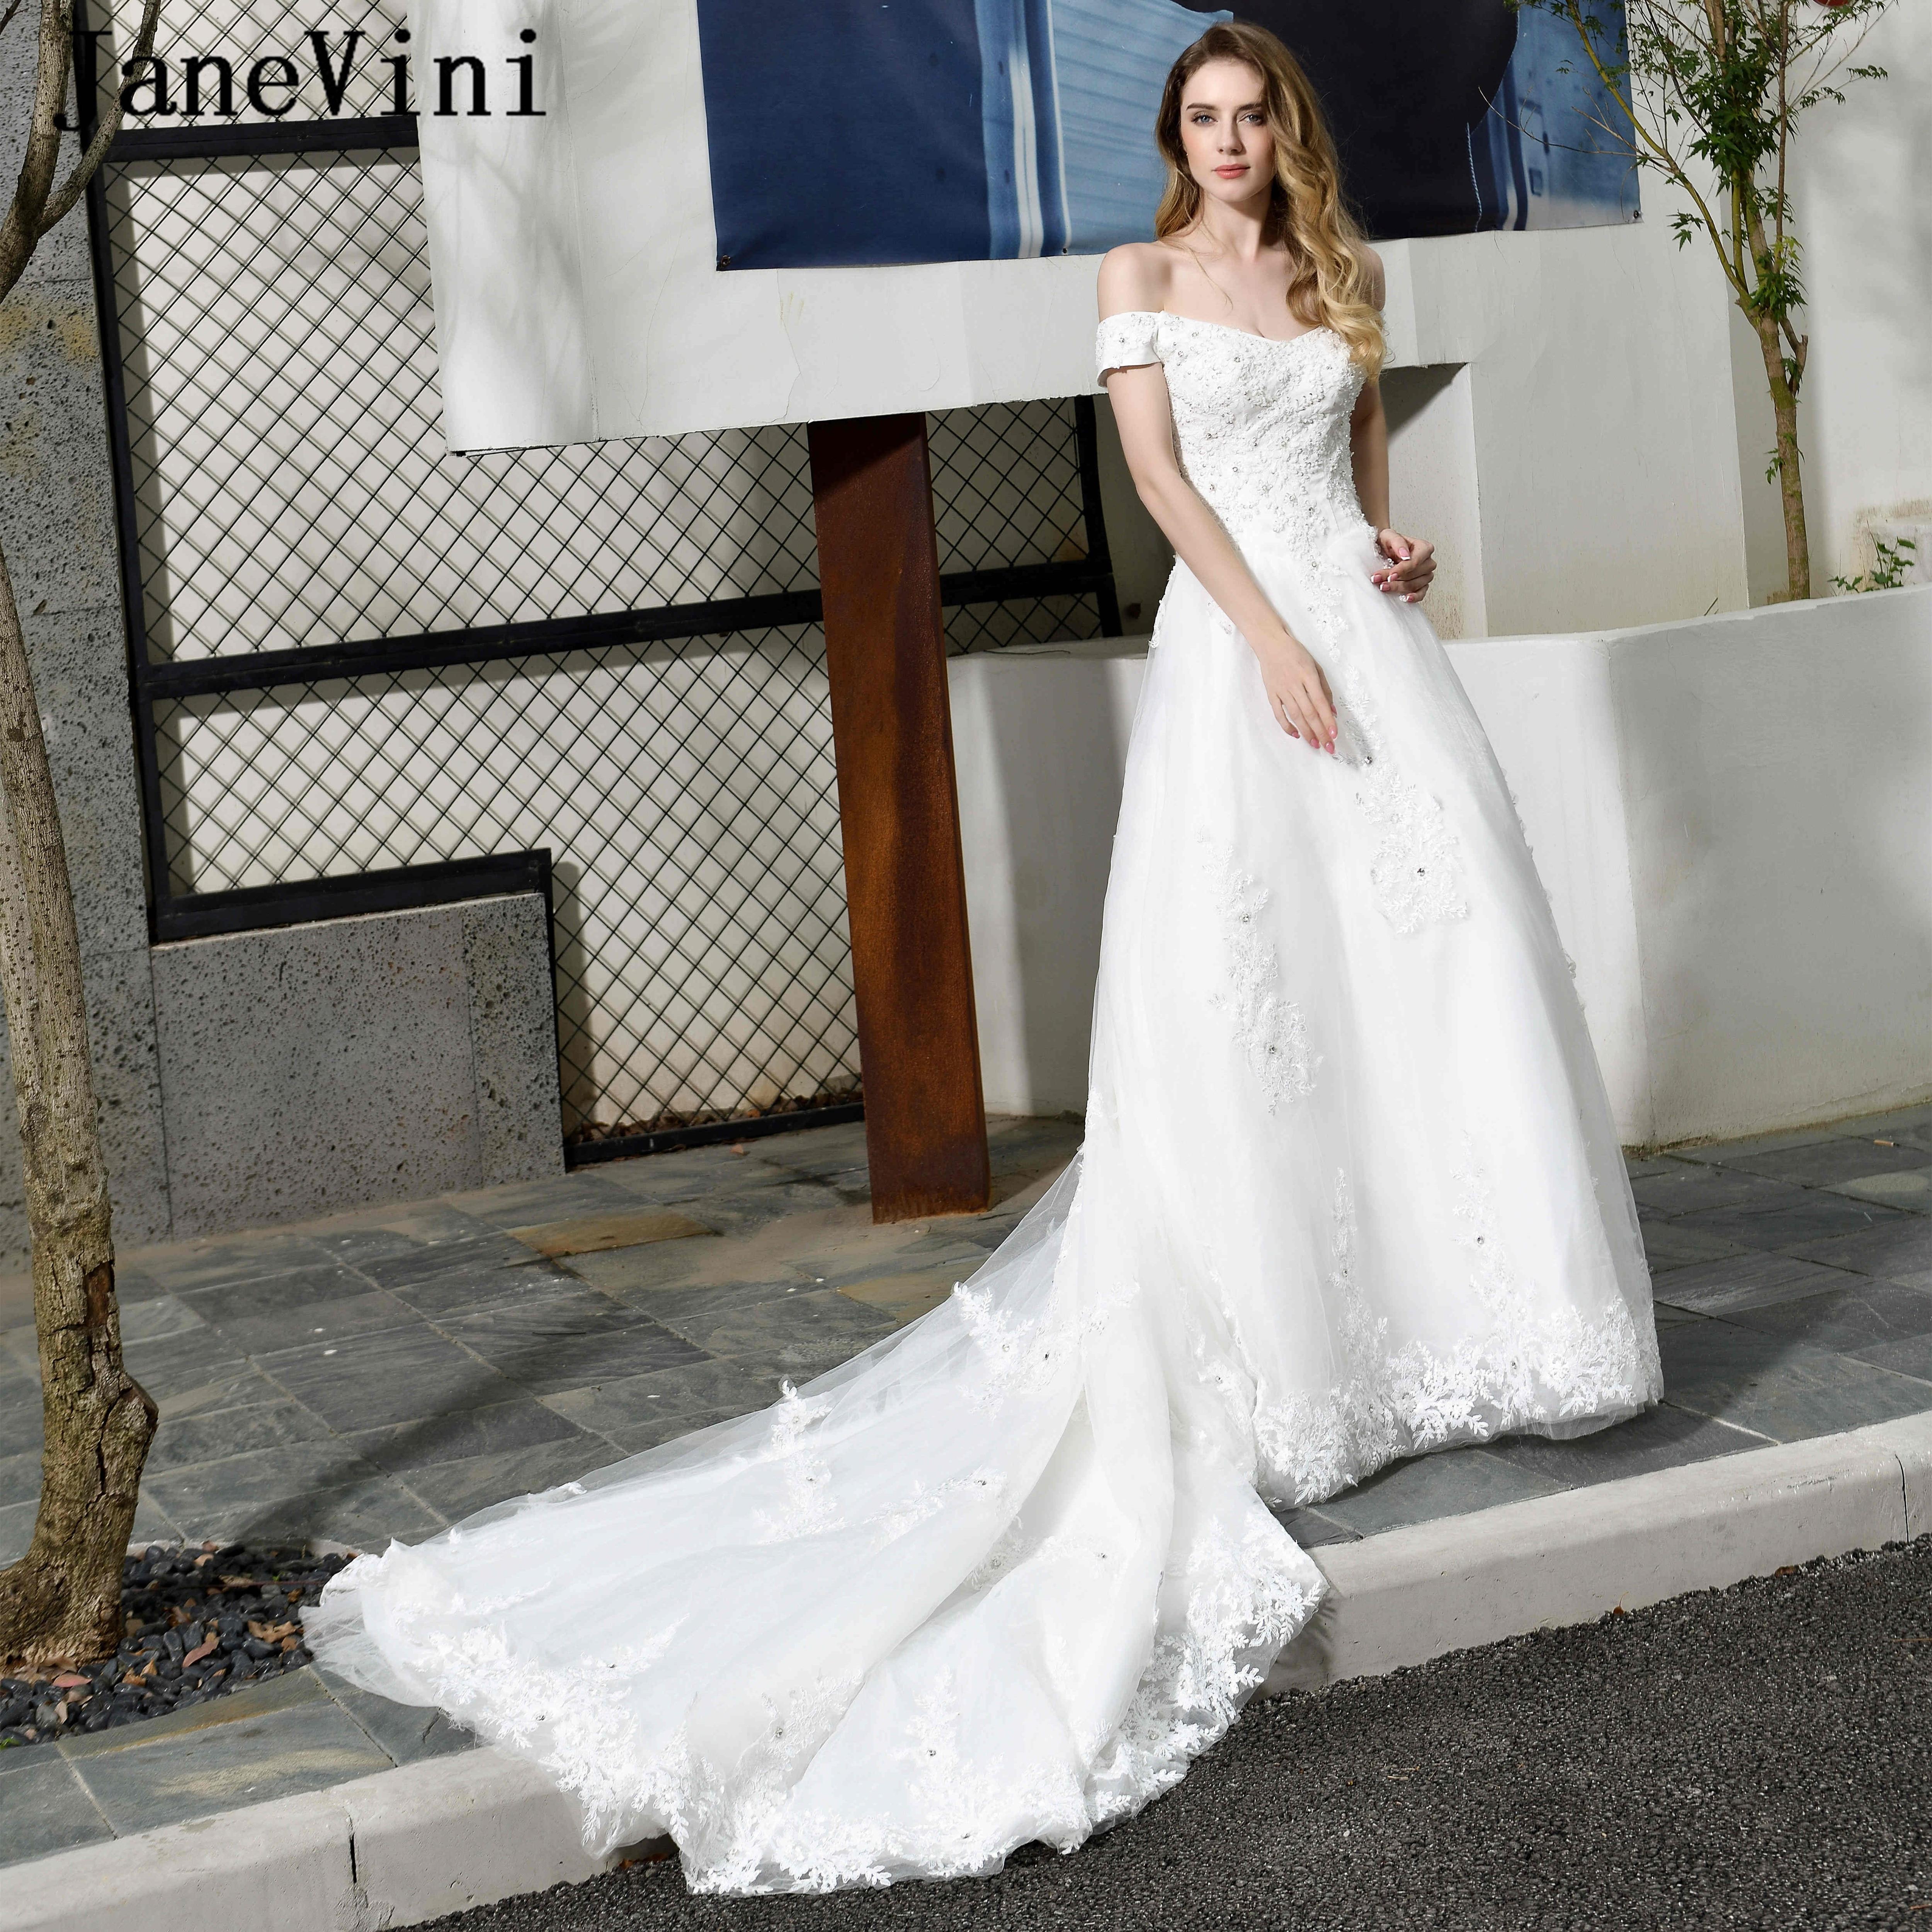 JaneVini de lujo Dubai blanco mujeres Vestido de Novia sin hombro apliques...